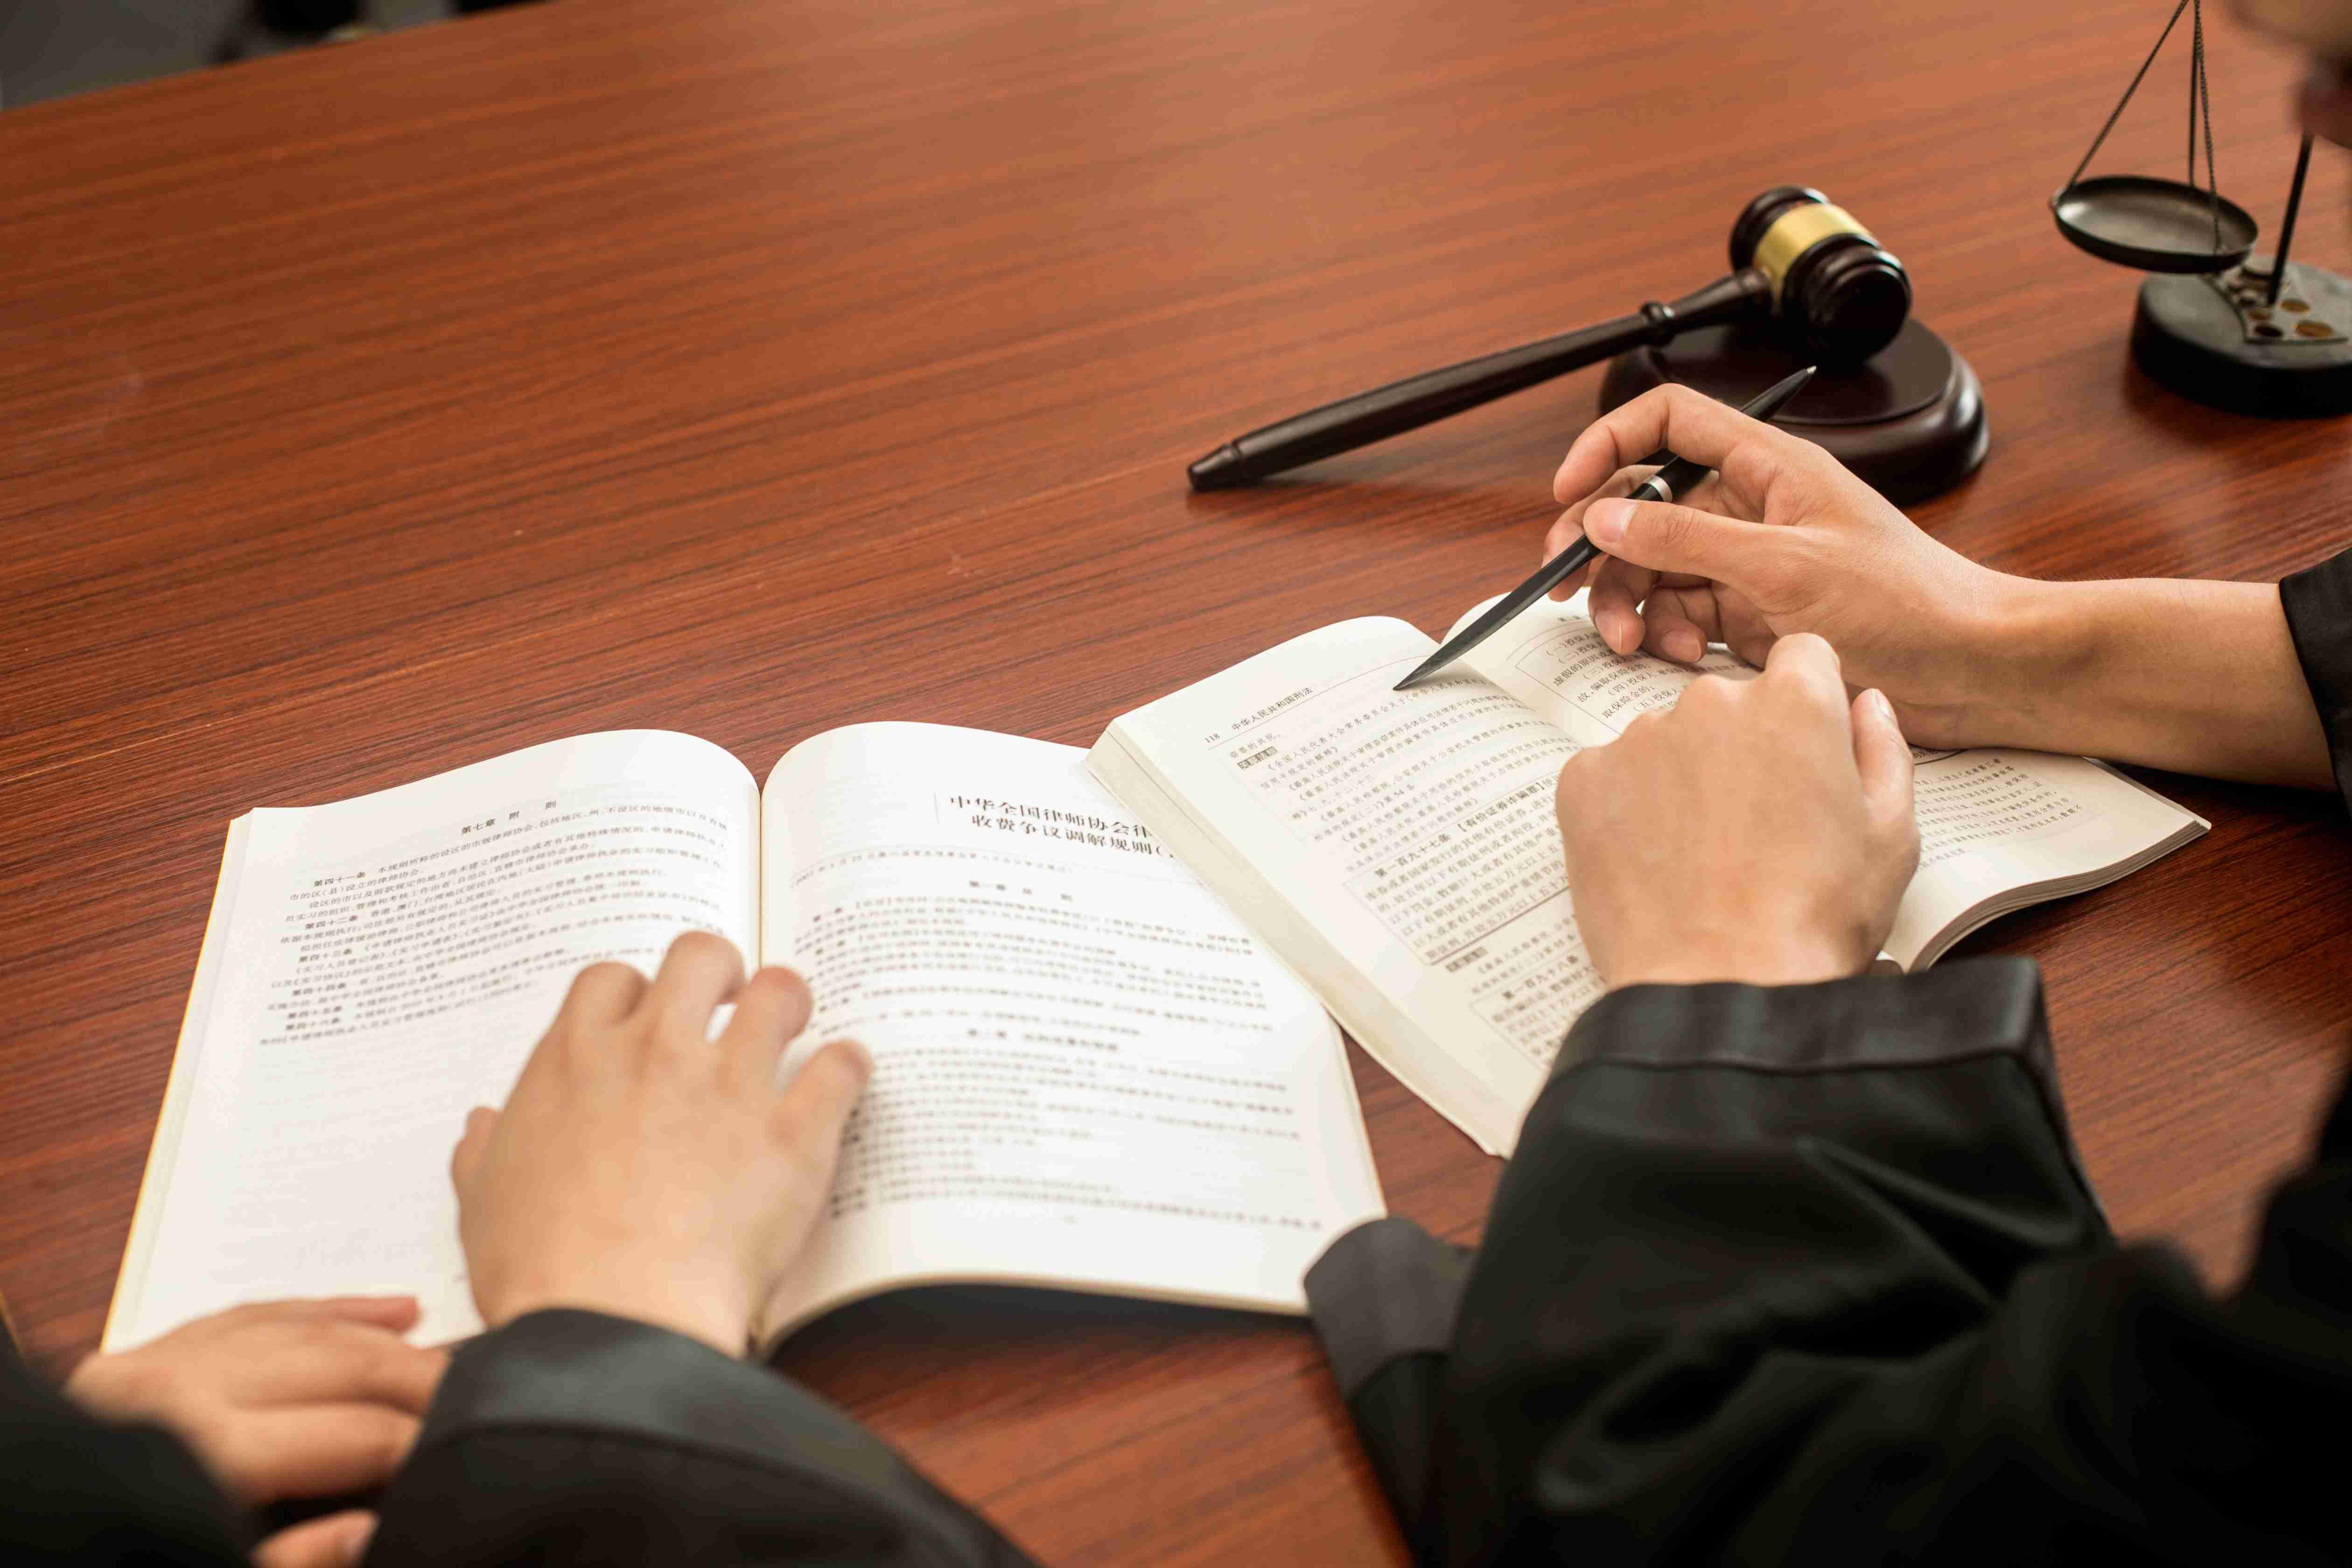 飞利浦专利侵权诉讼败诉